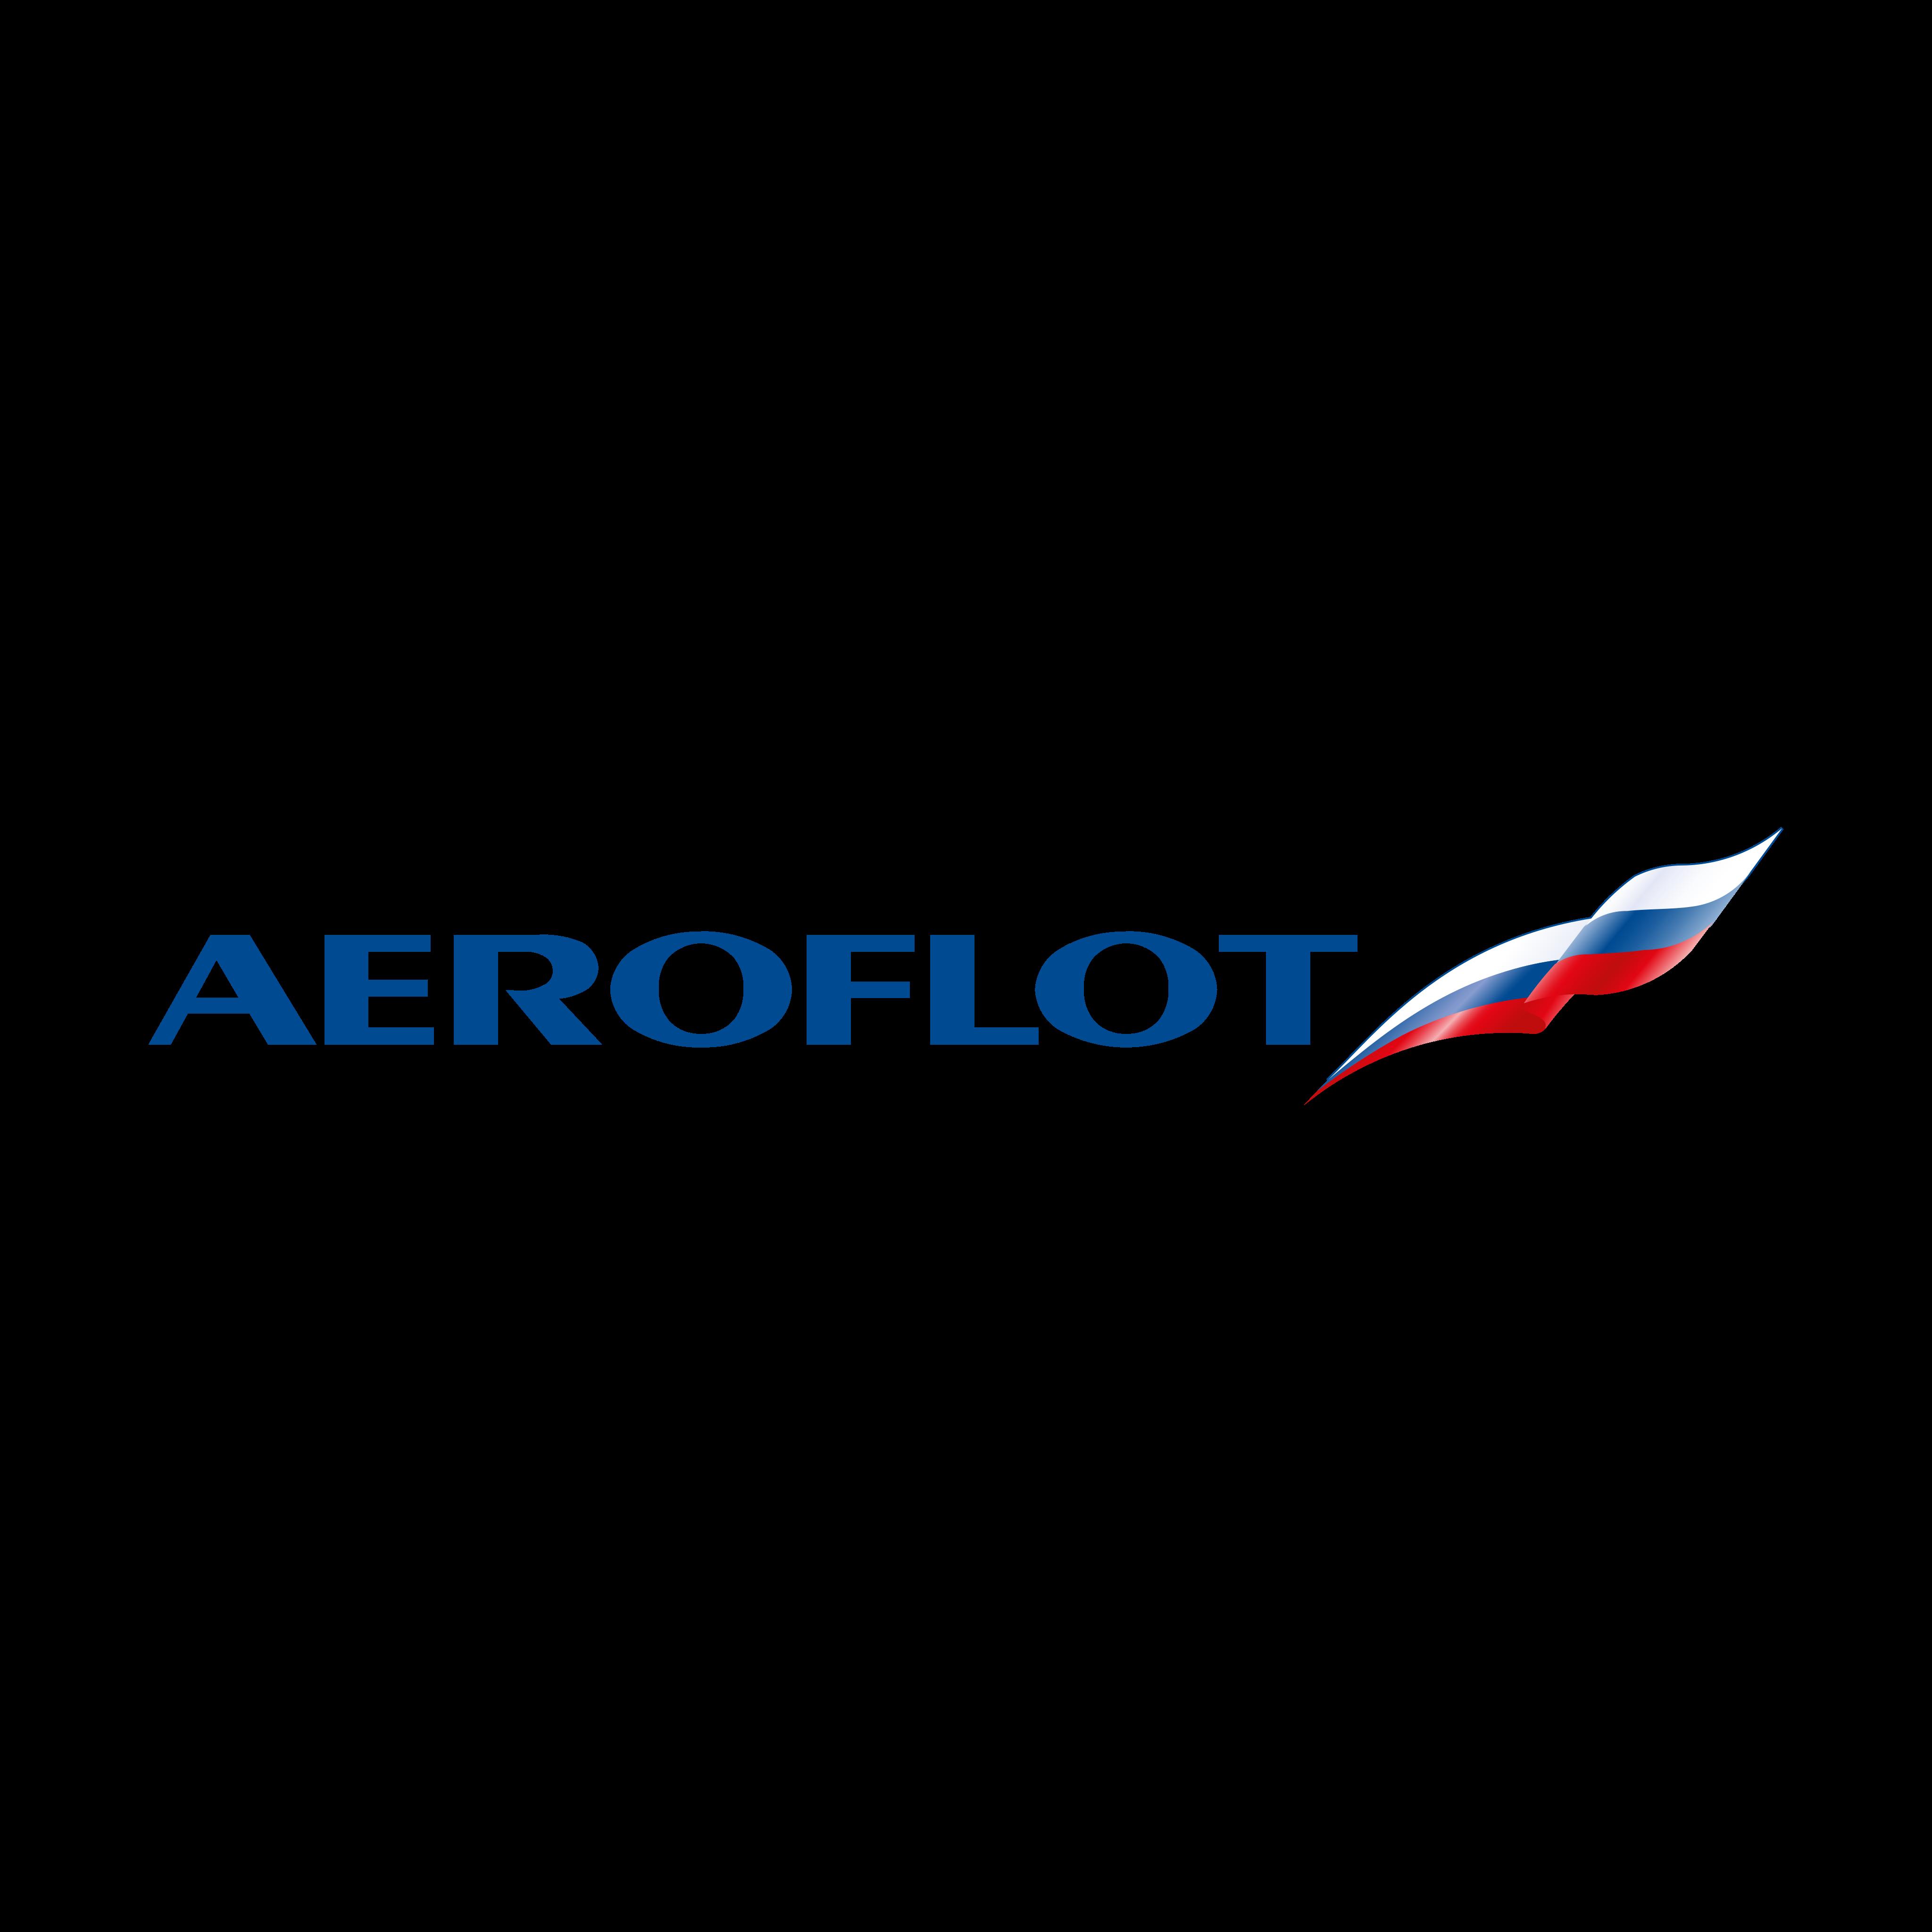 aeroflot logo 0 - Aeroflot Logo